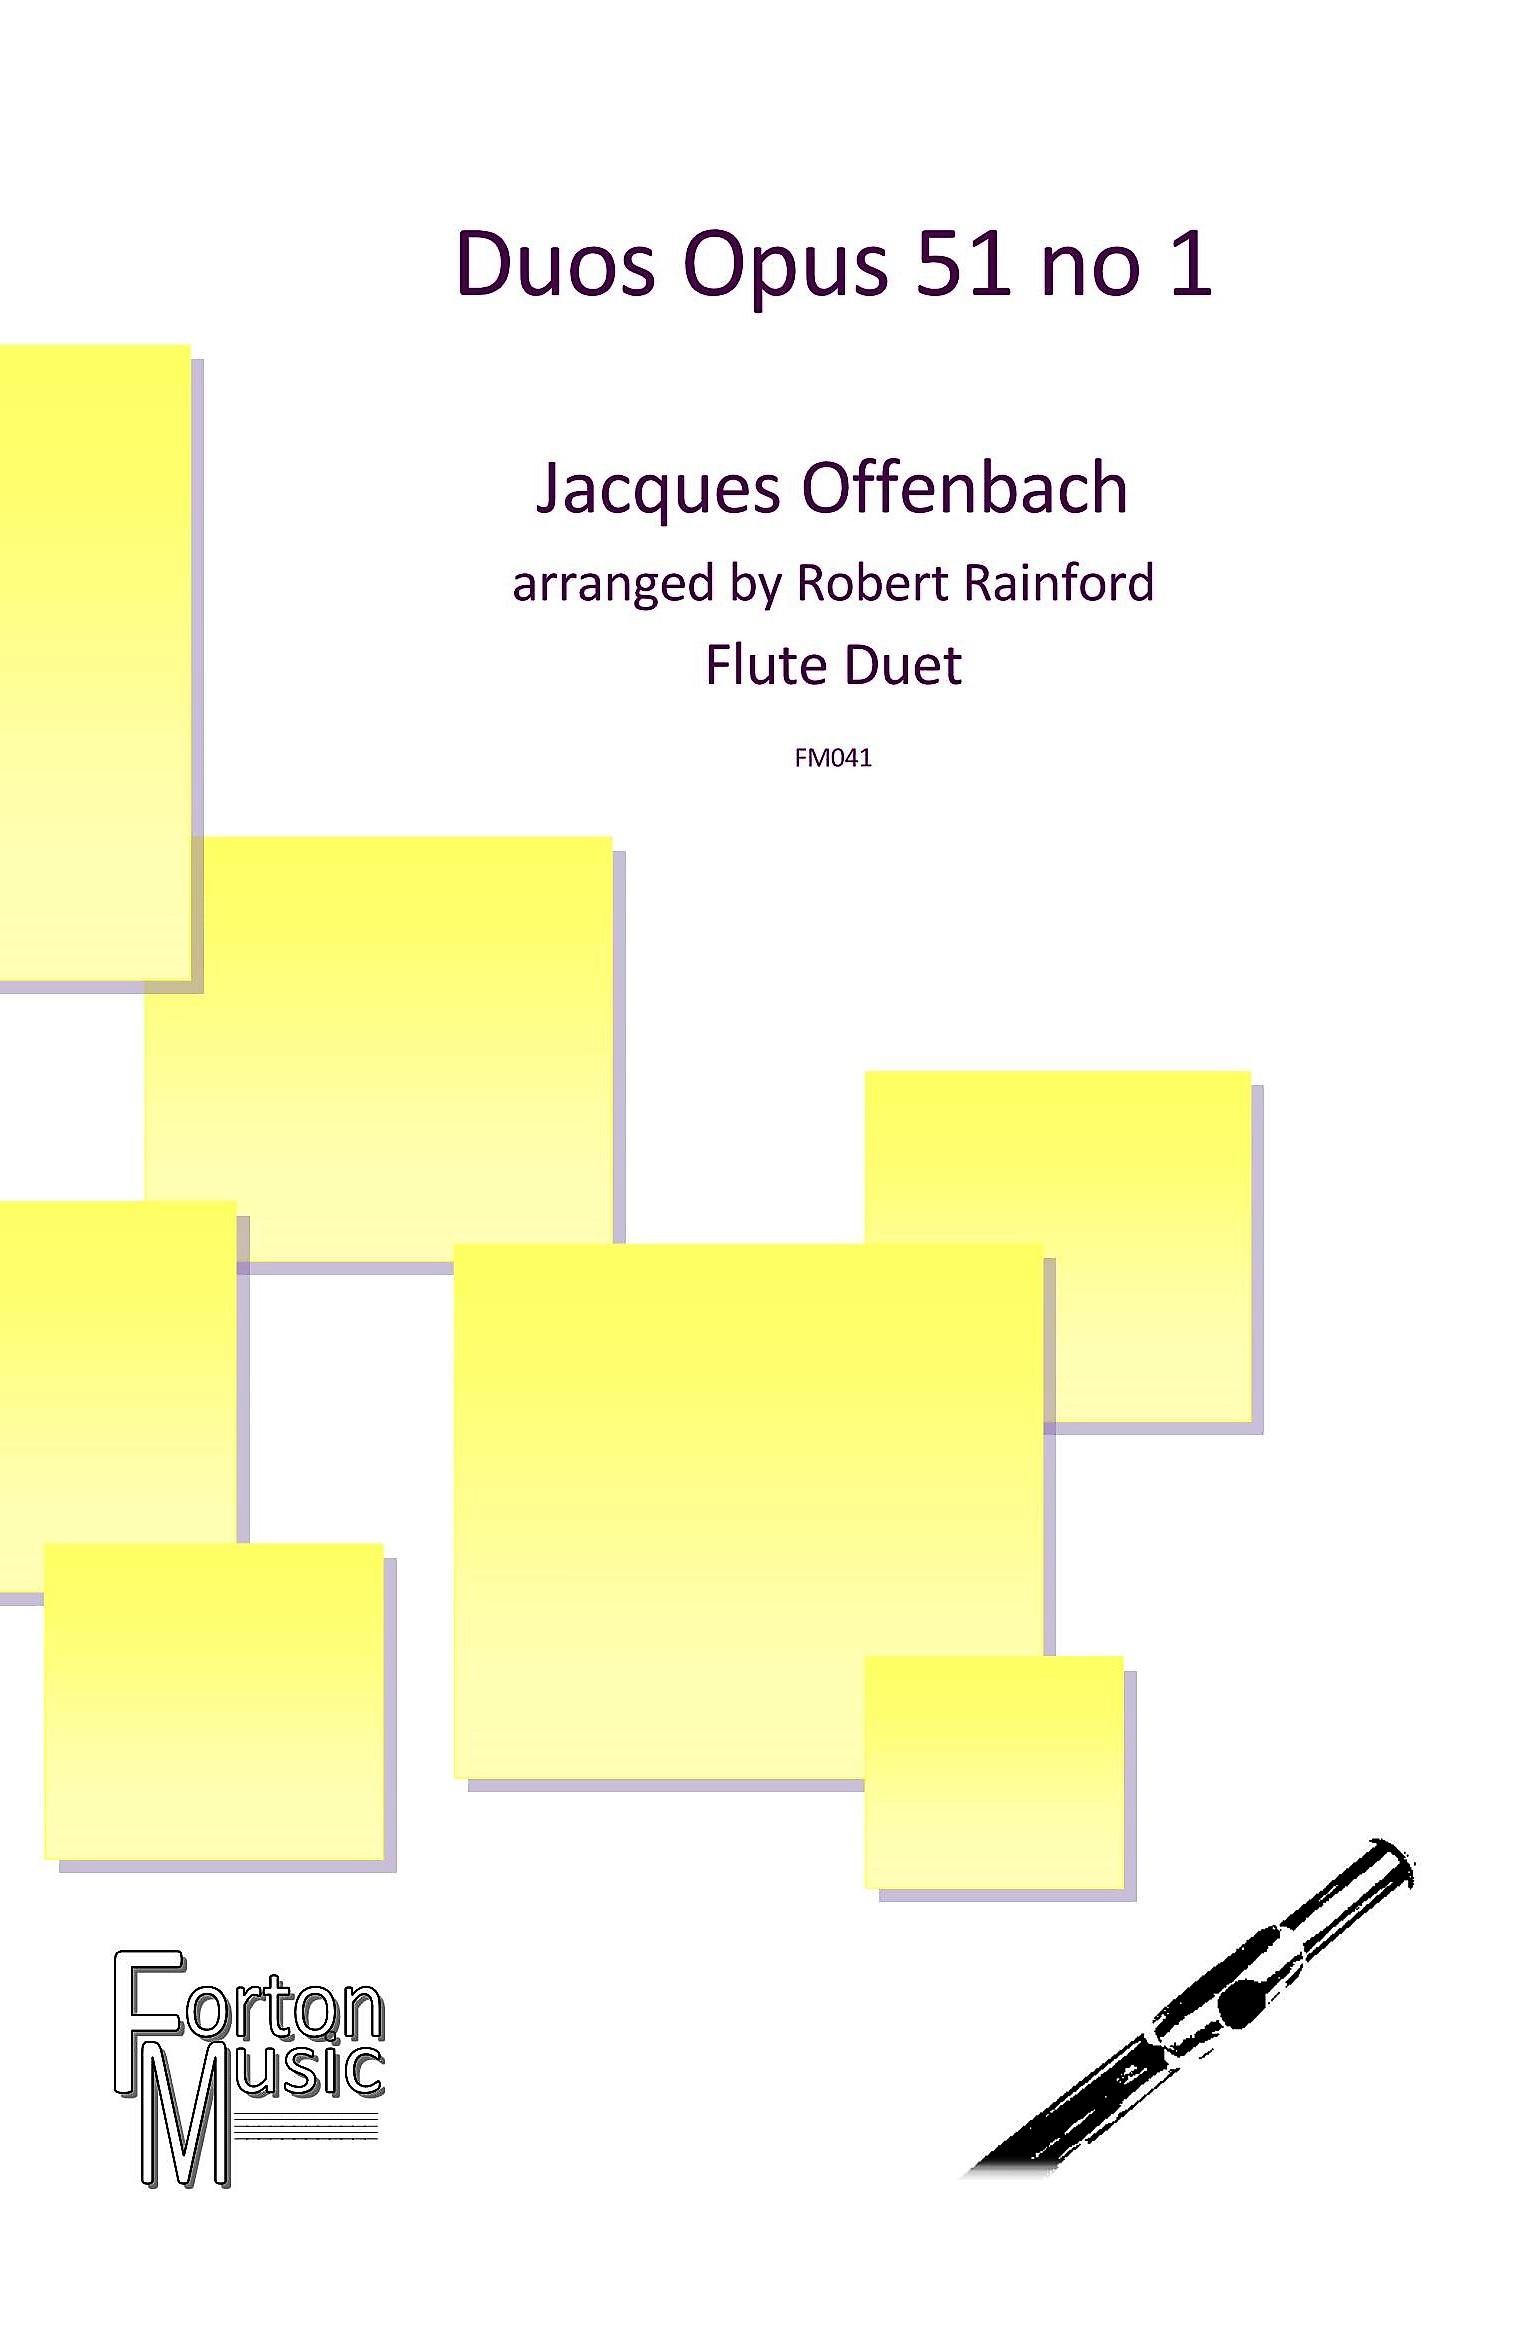 Duos Opus 51 no 1